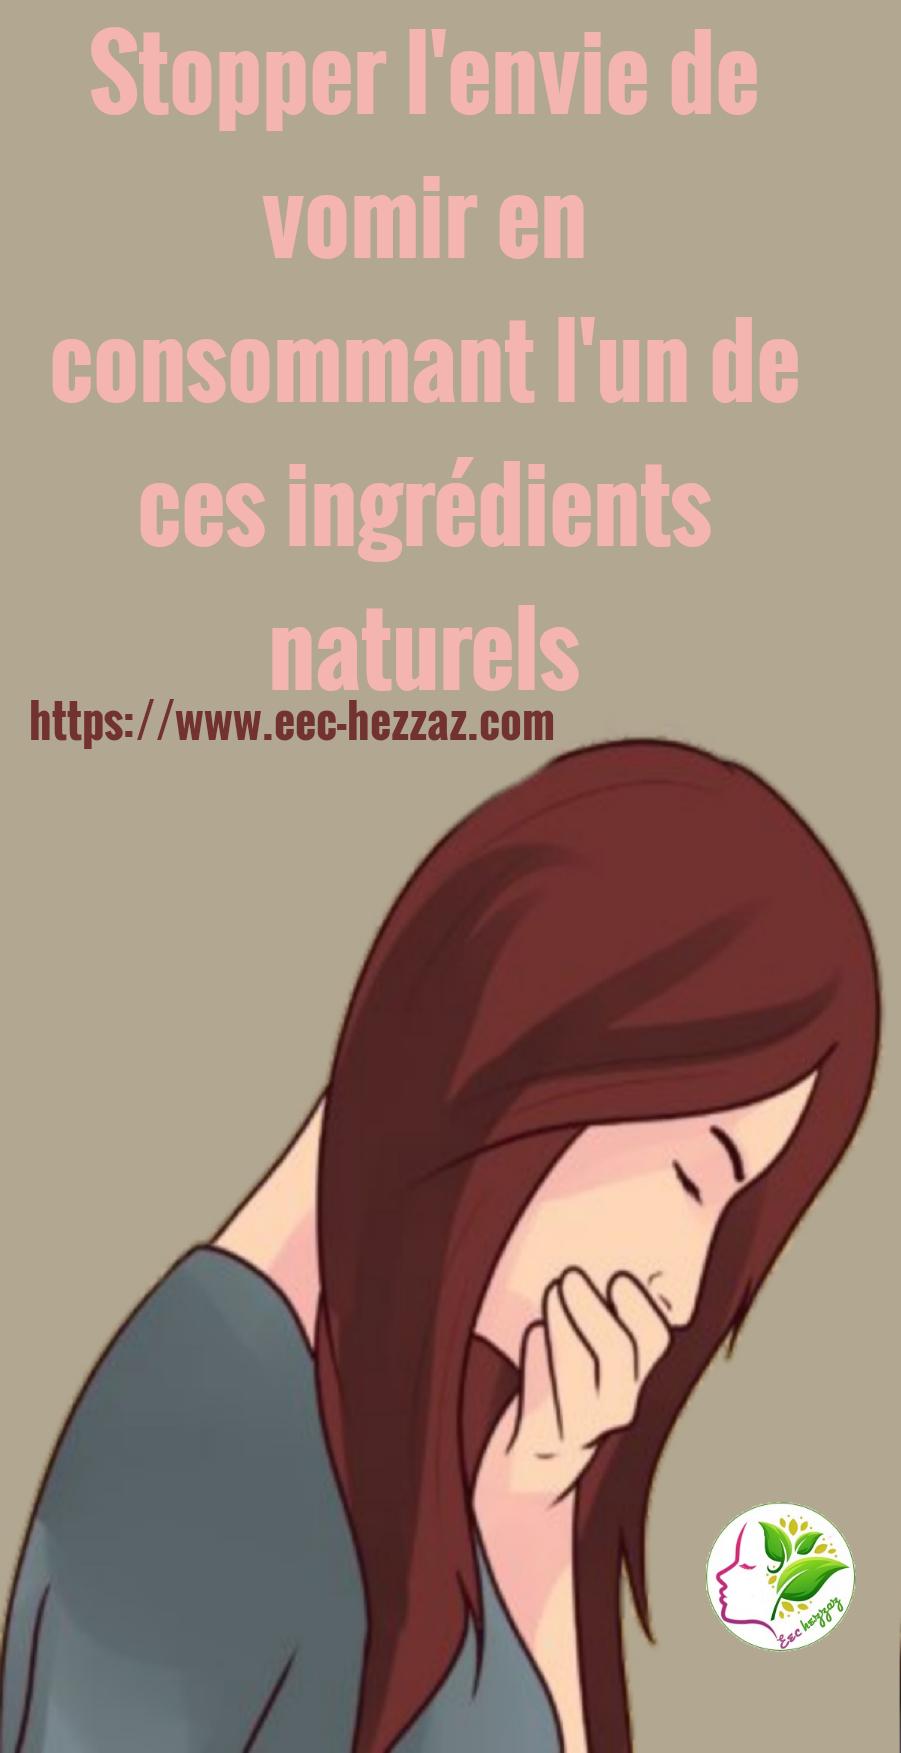 Stopper l'envie de vomir en consommant l'un de ces ingrédients naturels